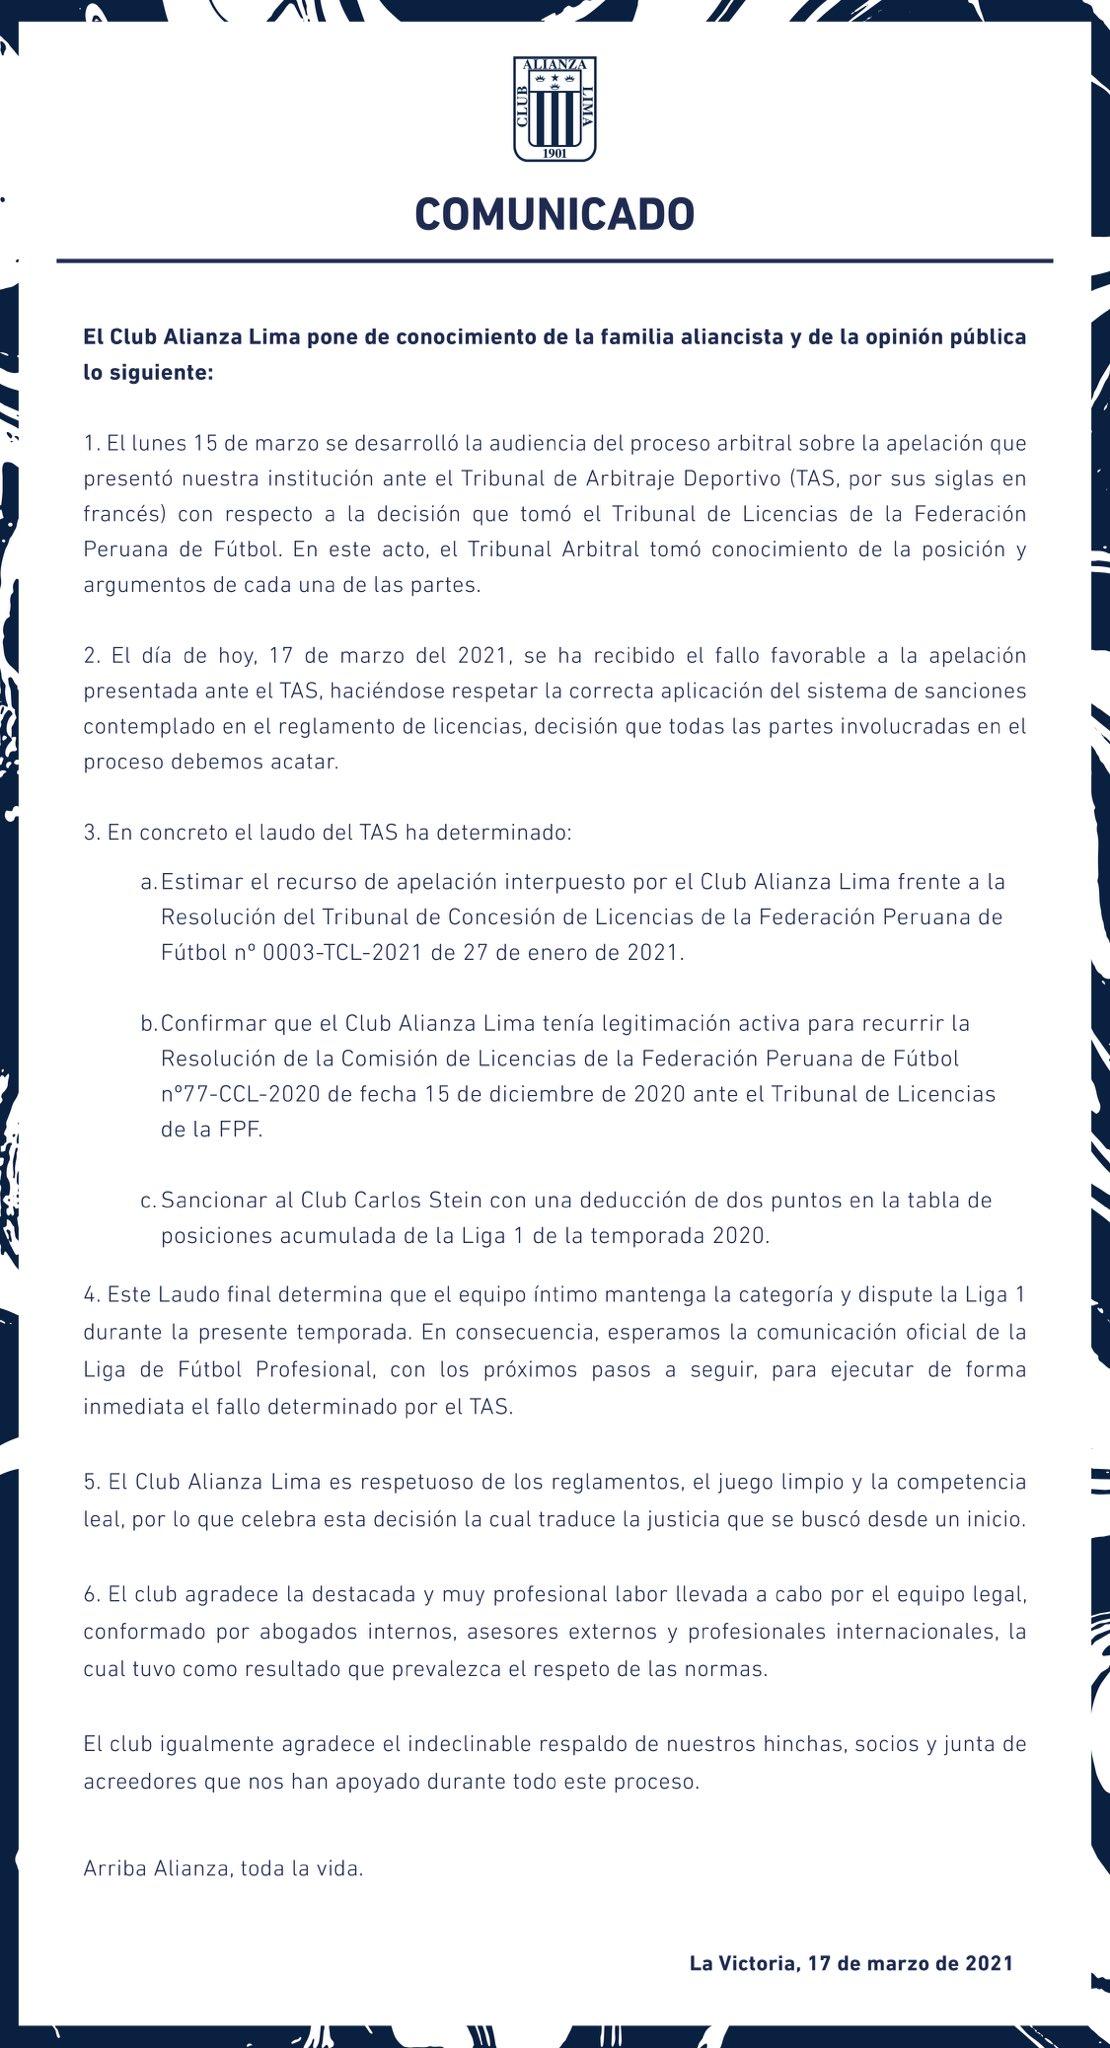 Comunicado Alianza Lima.